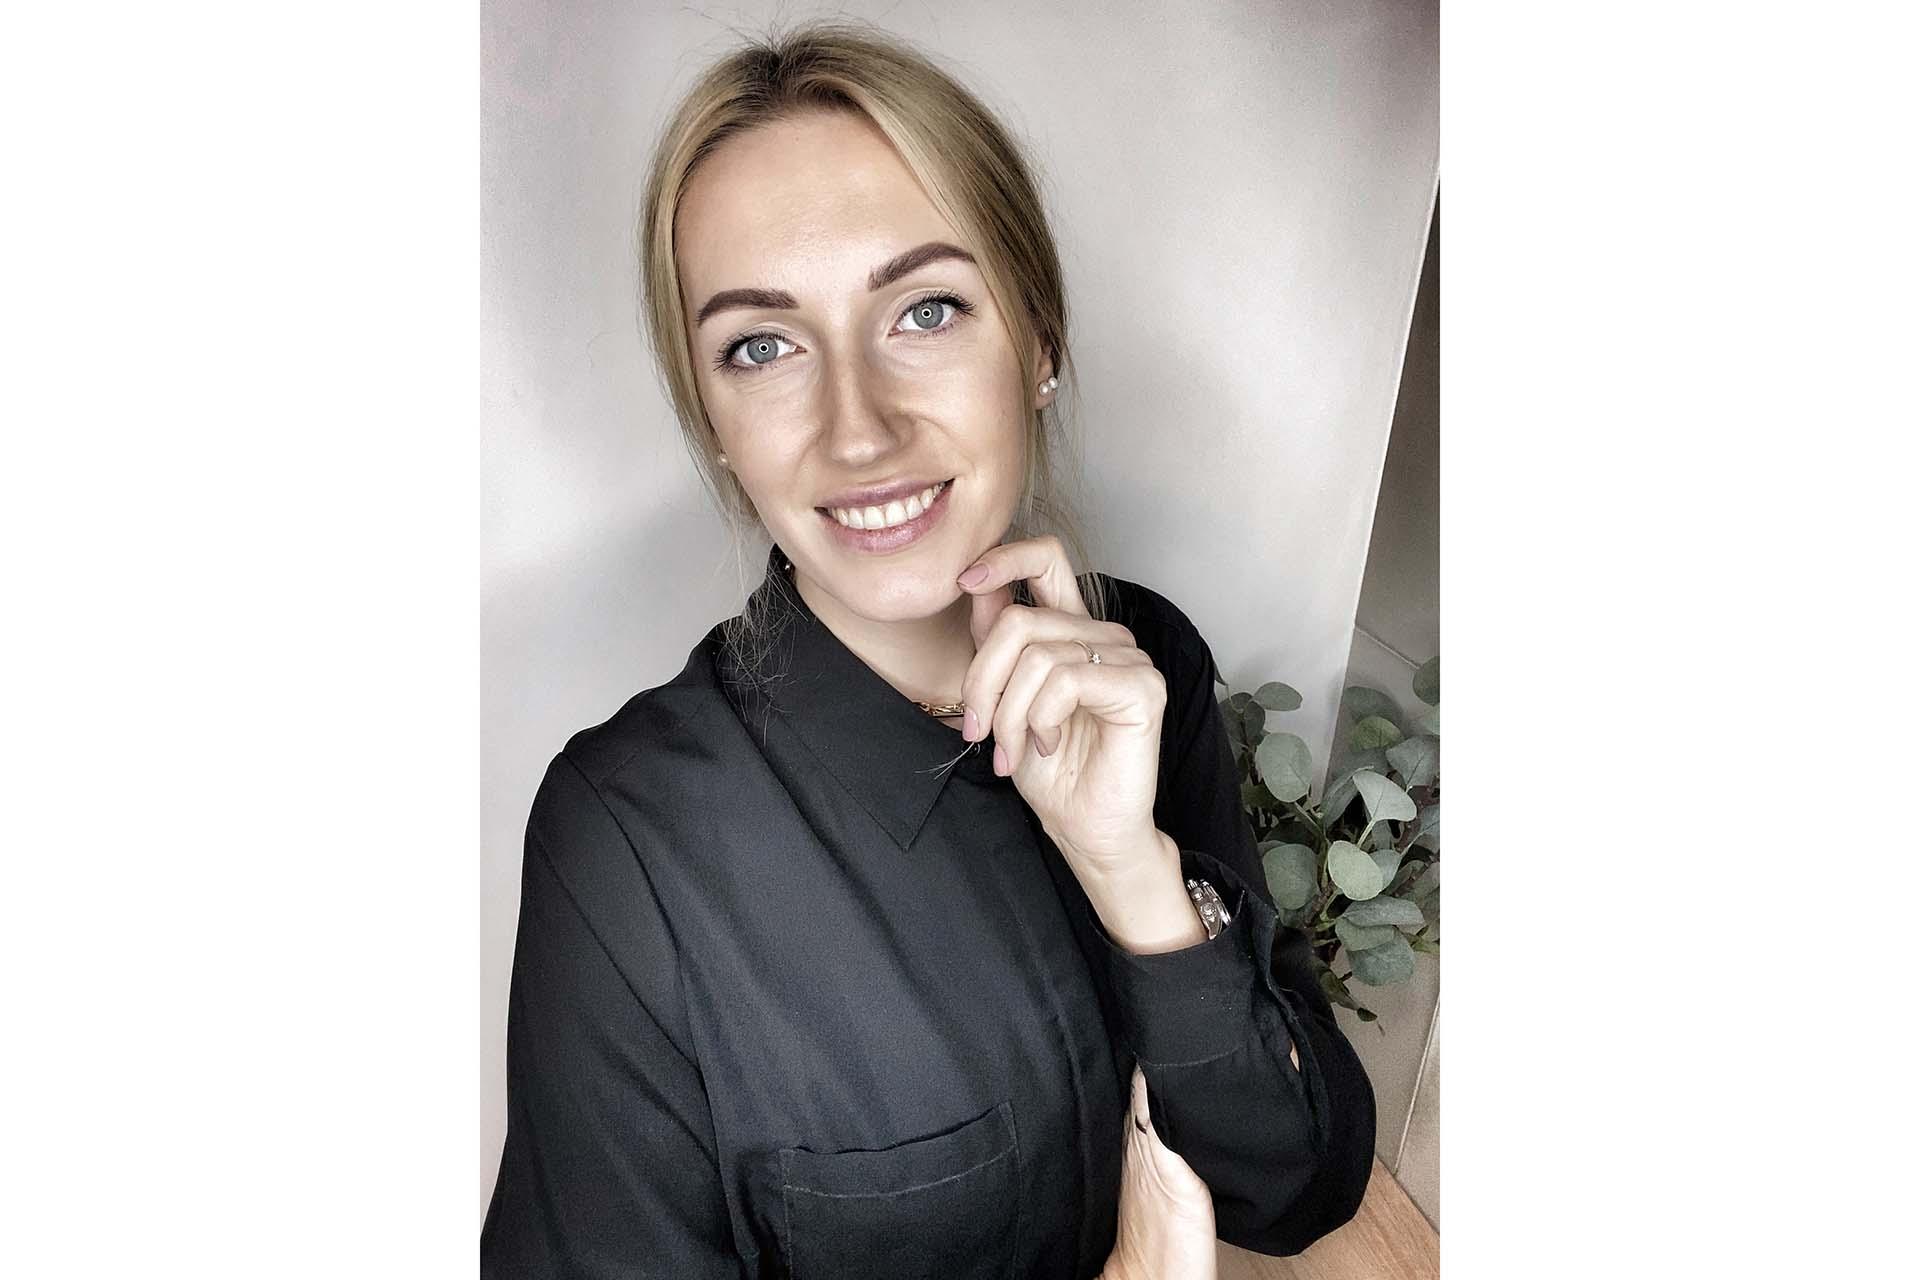 Kristina Nasirova veido nuotrauka